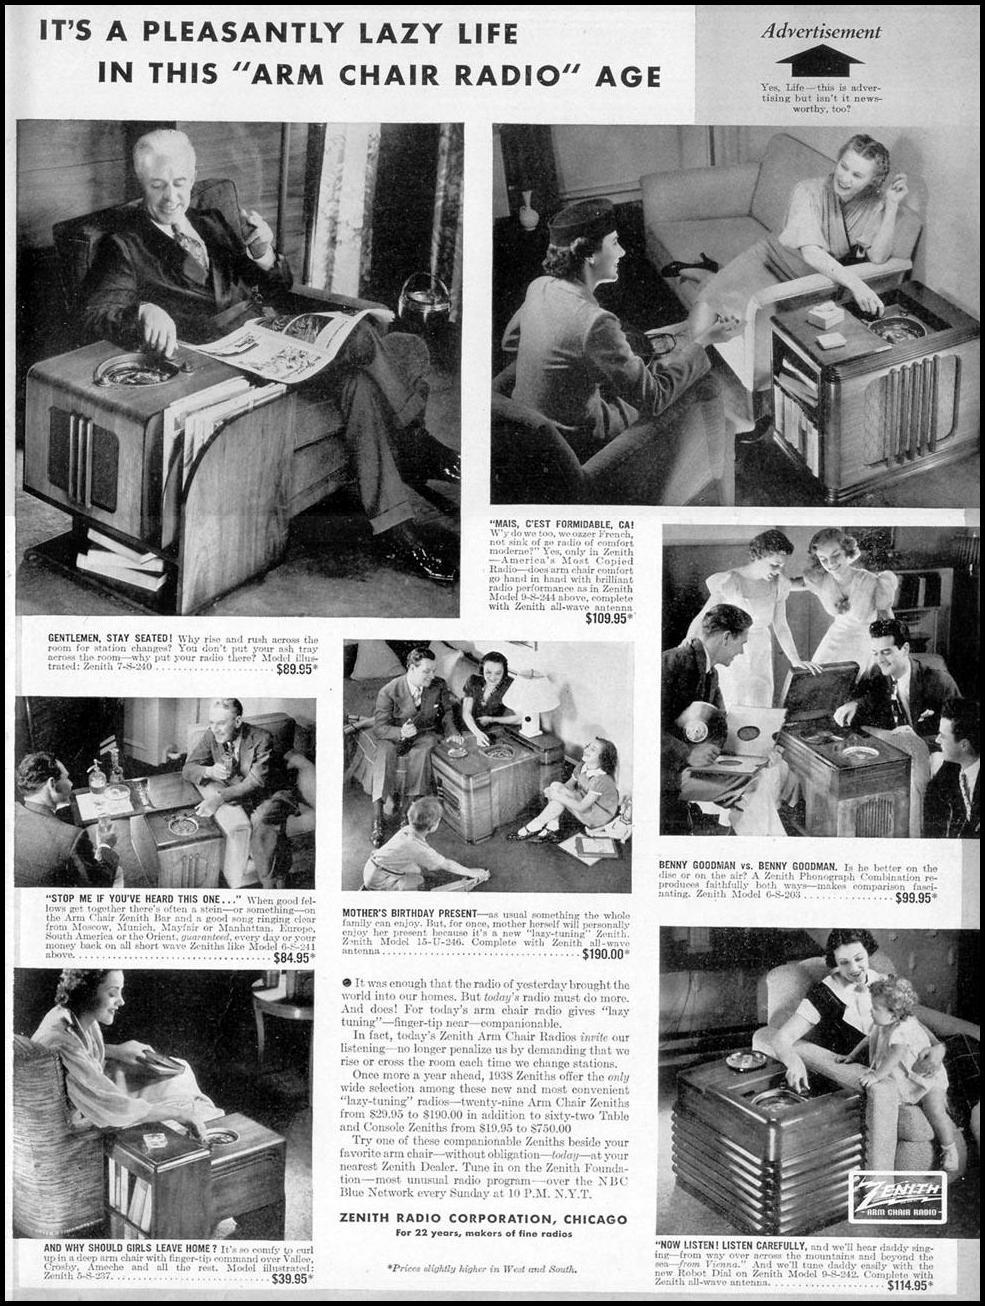 ZENITH RADIOS LIFE 09/20/1937